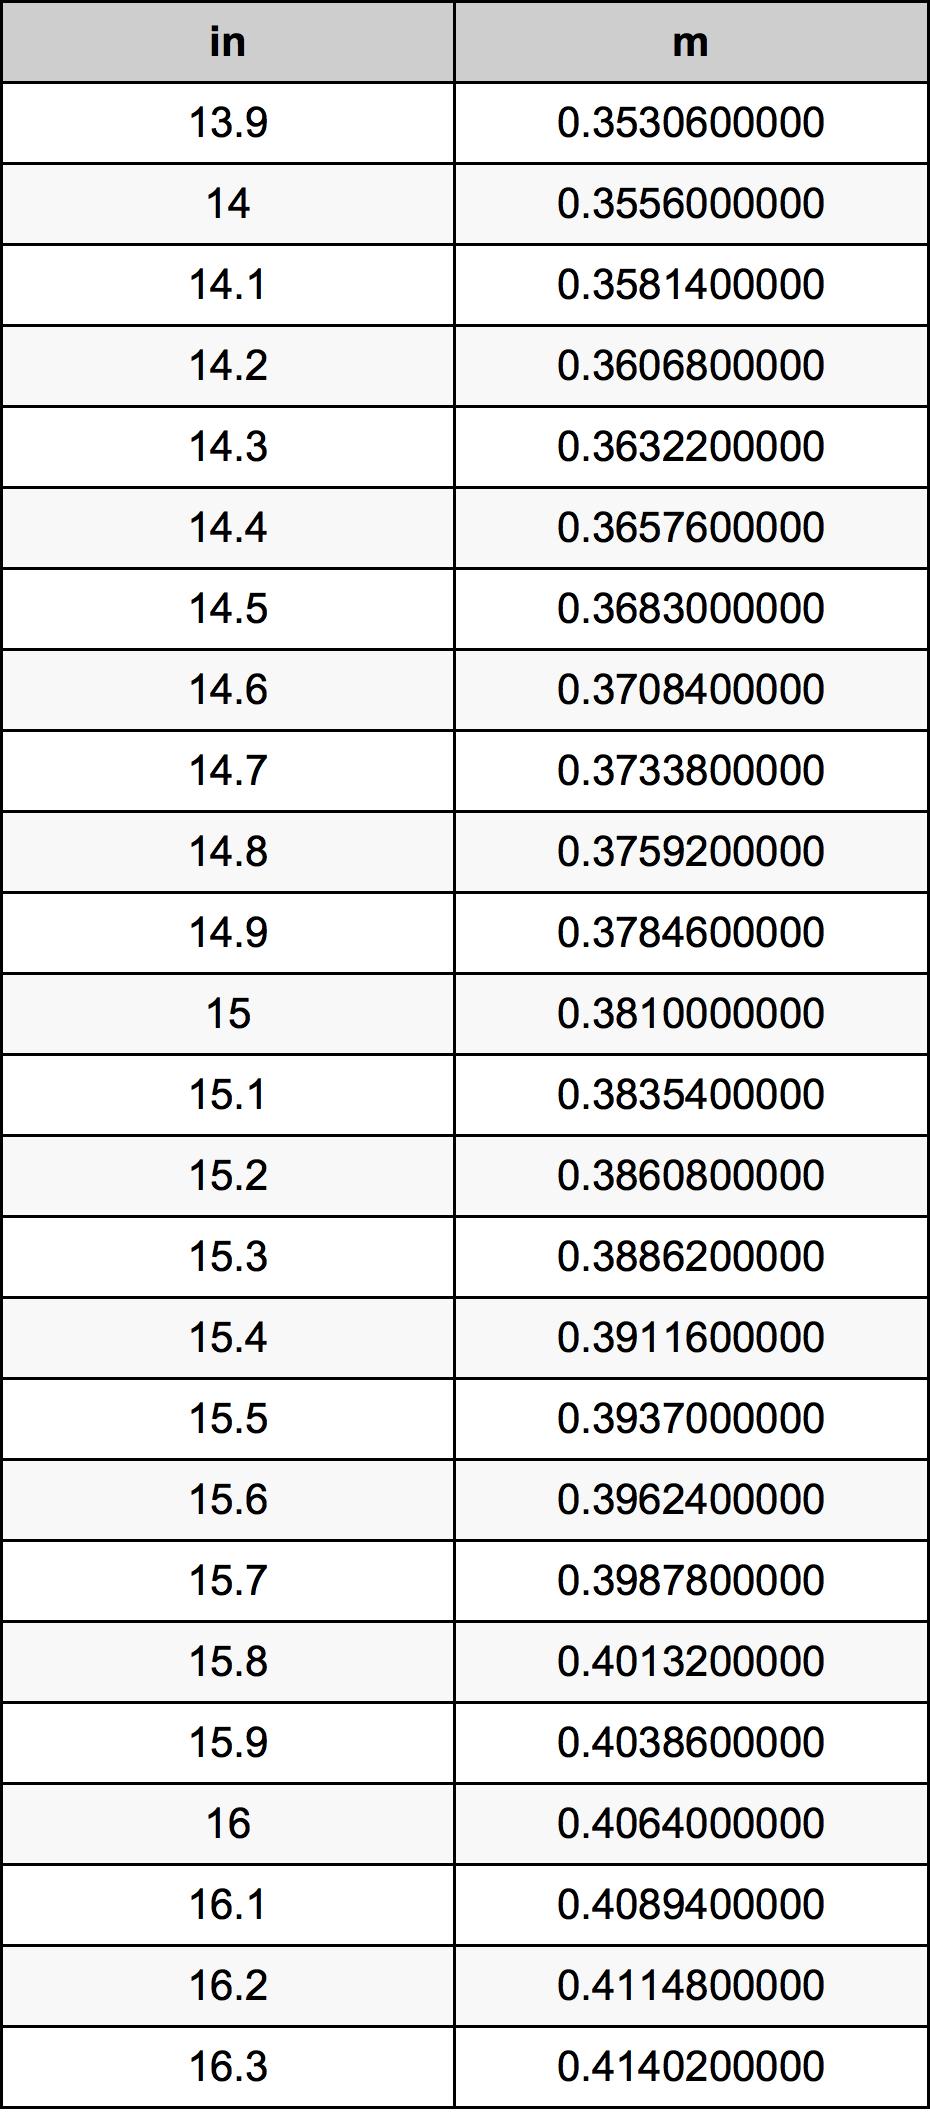 15.1 инч Таблица за преобразуване